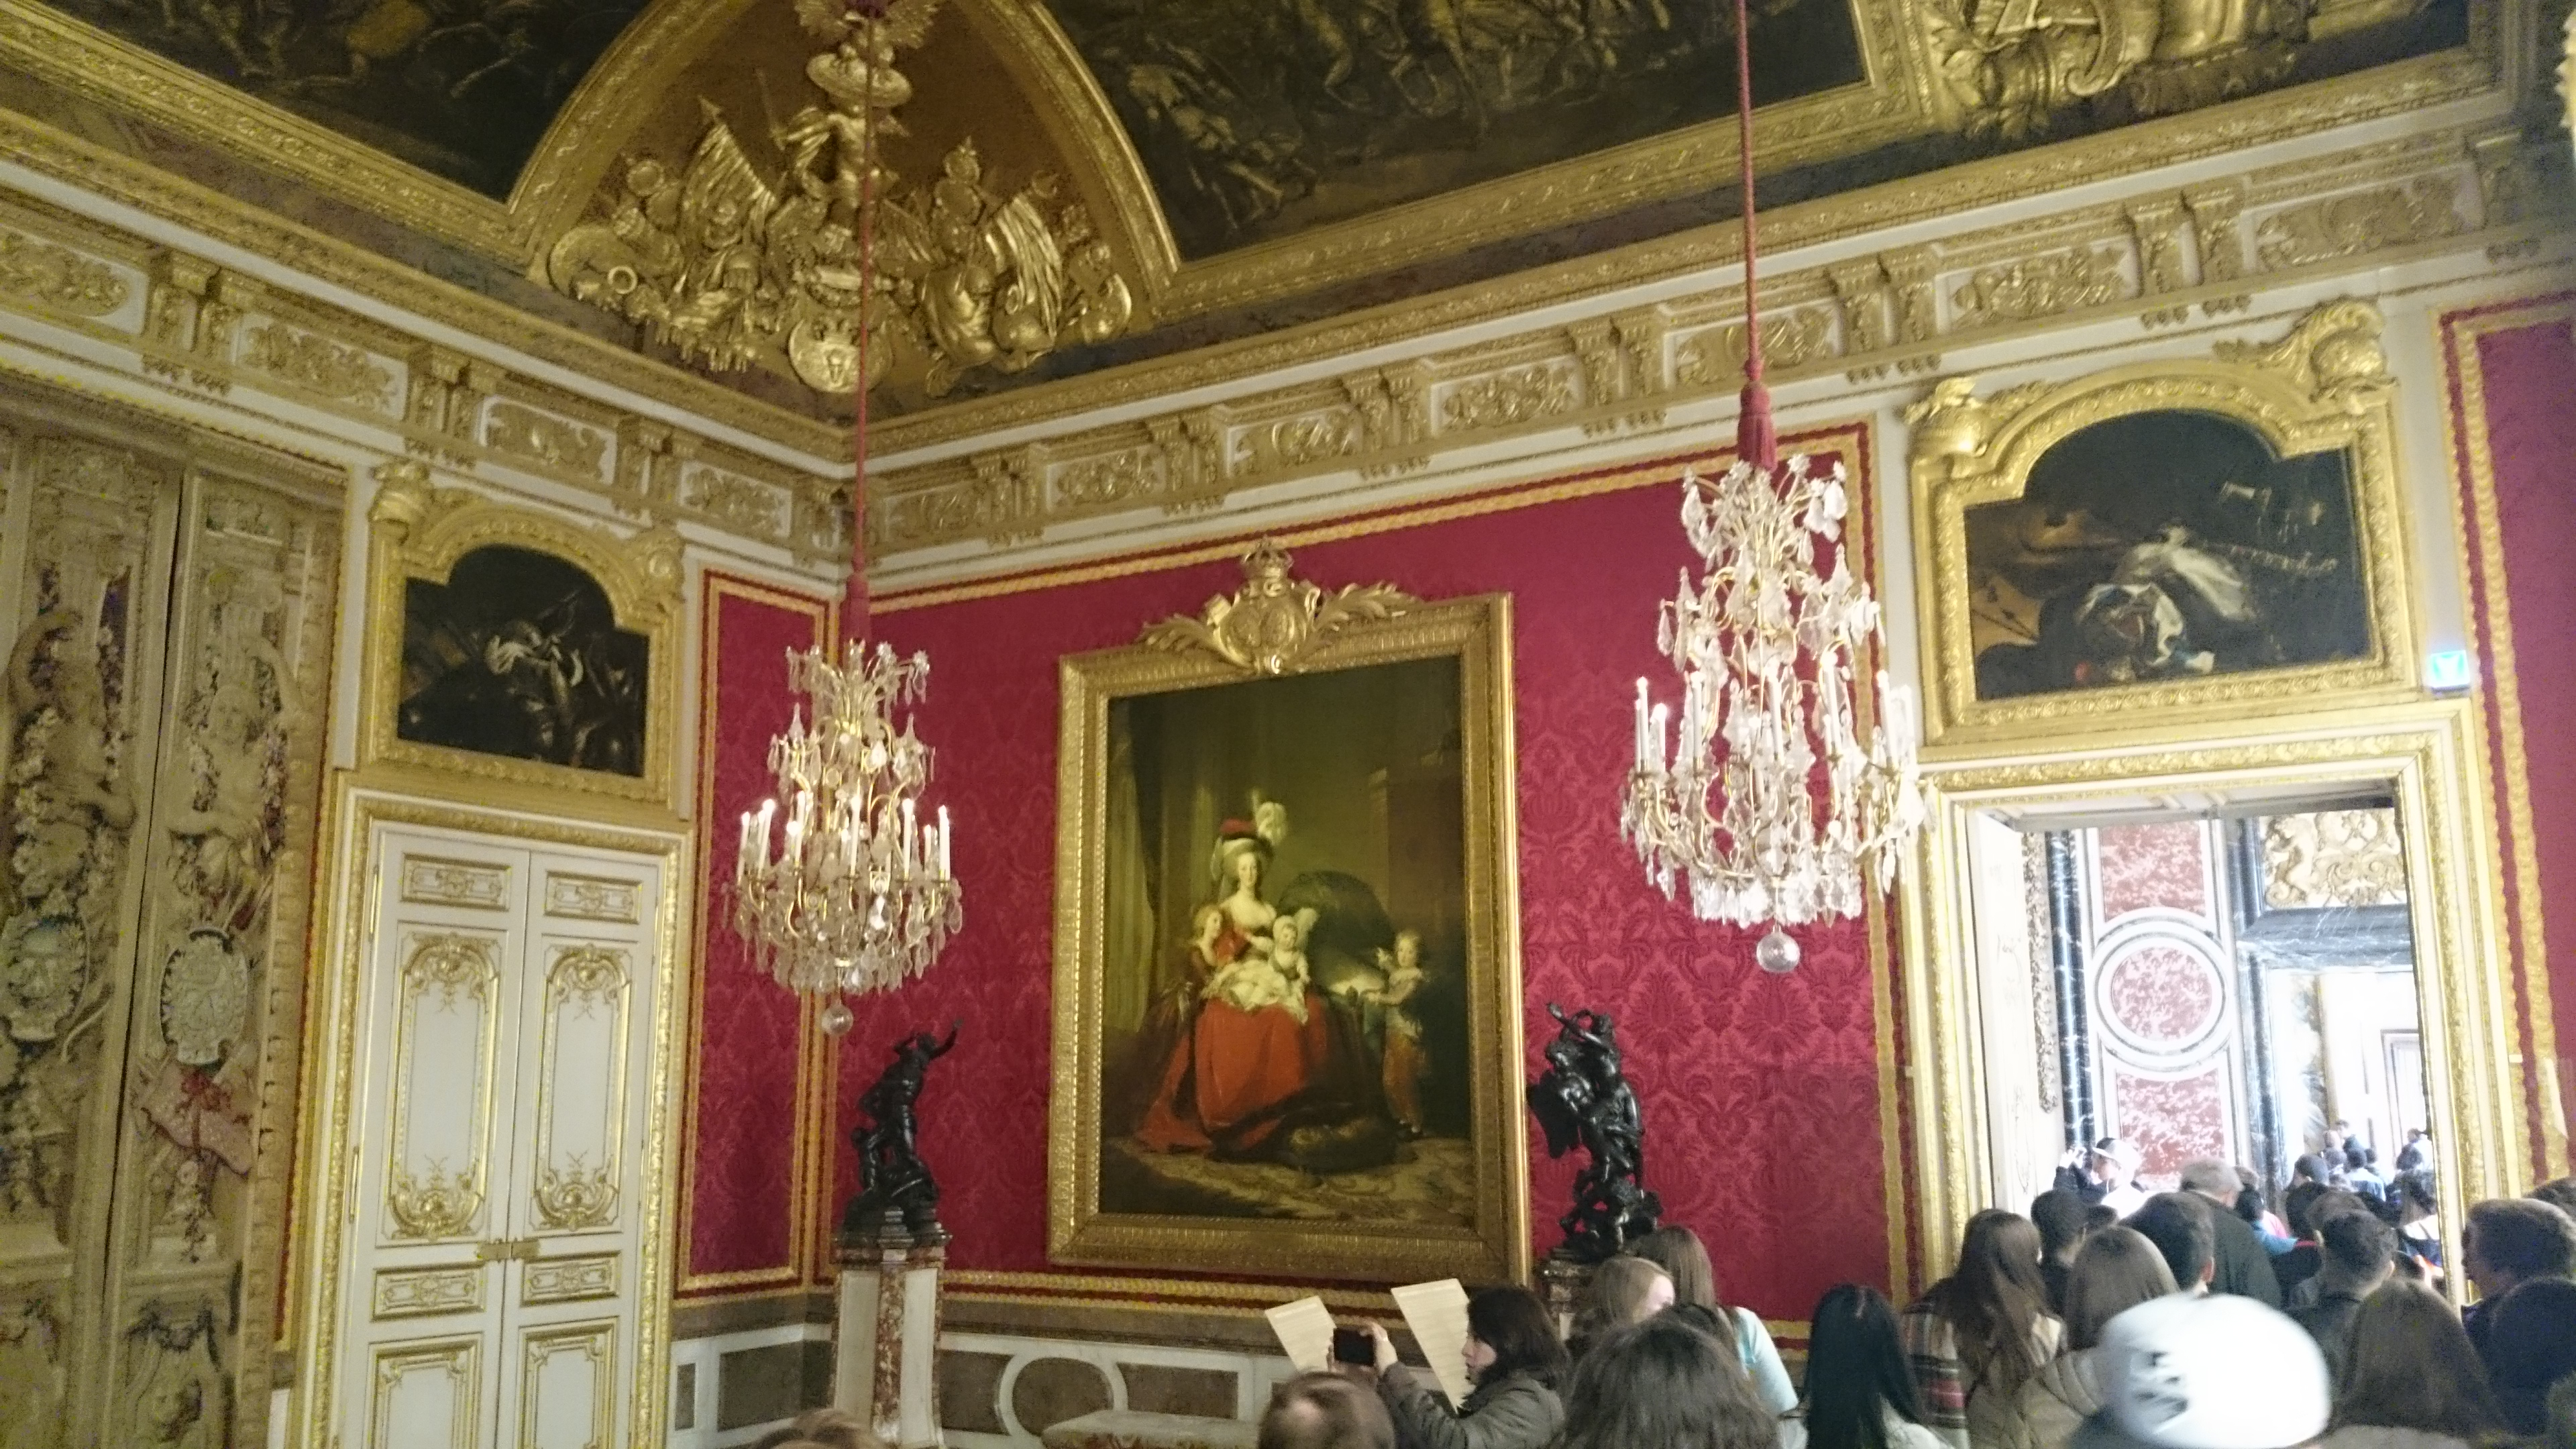 dsc 13991 - Visita al Palacio de Versalles: Como ir, cuanto cuesta y tips III/III